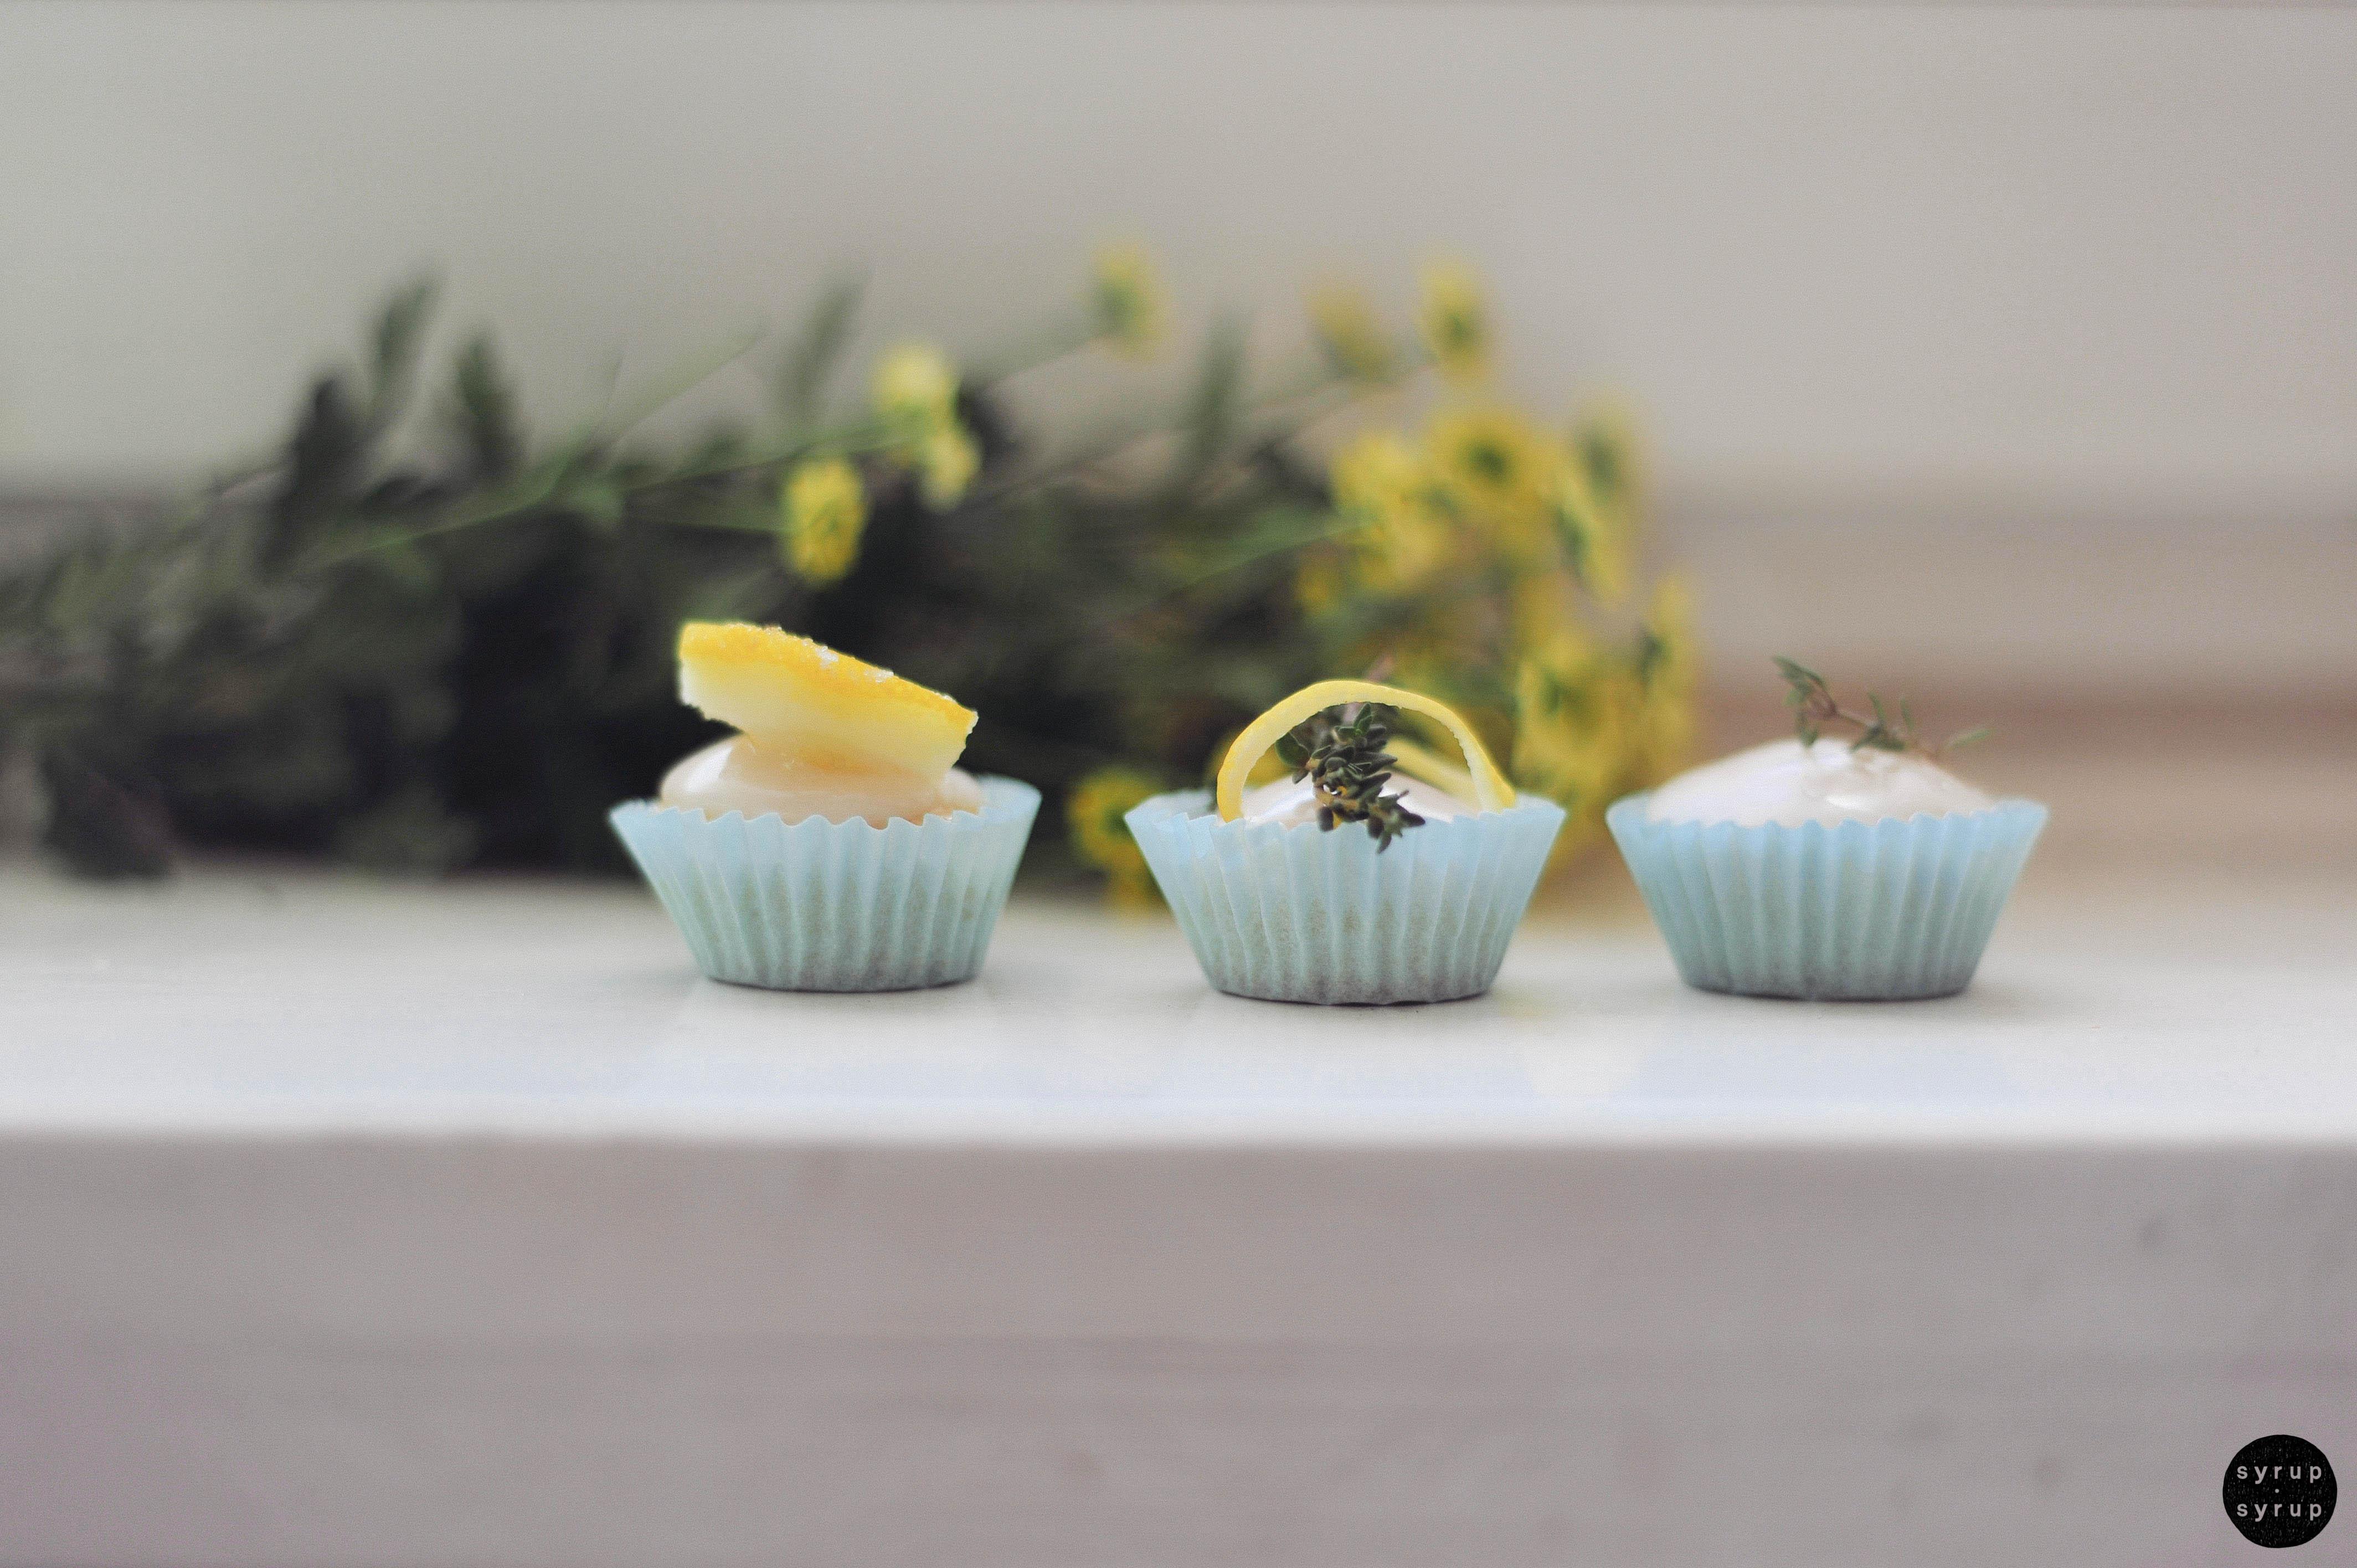 vegane muffins 08 final - Zitronenmuffins mit Thymian